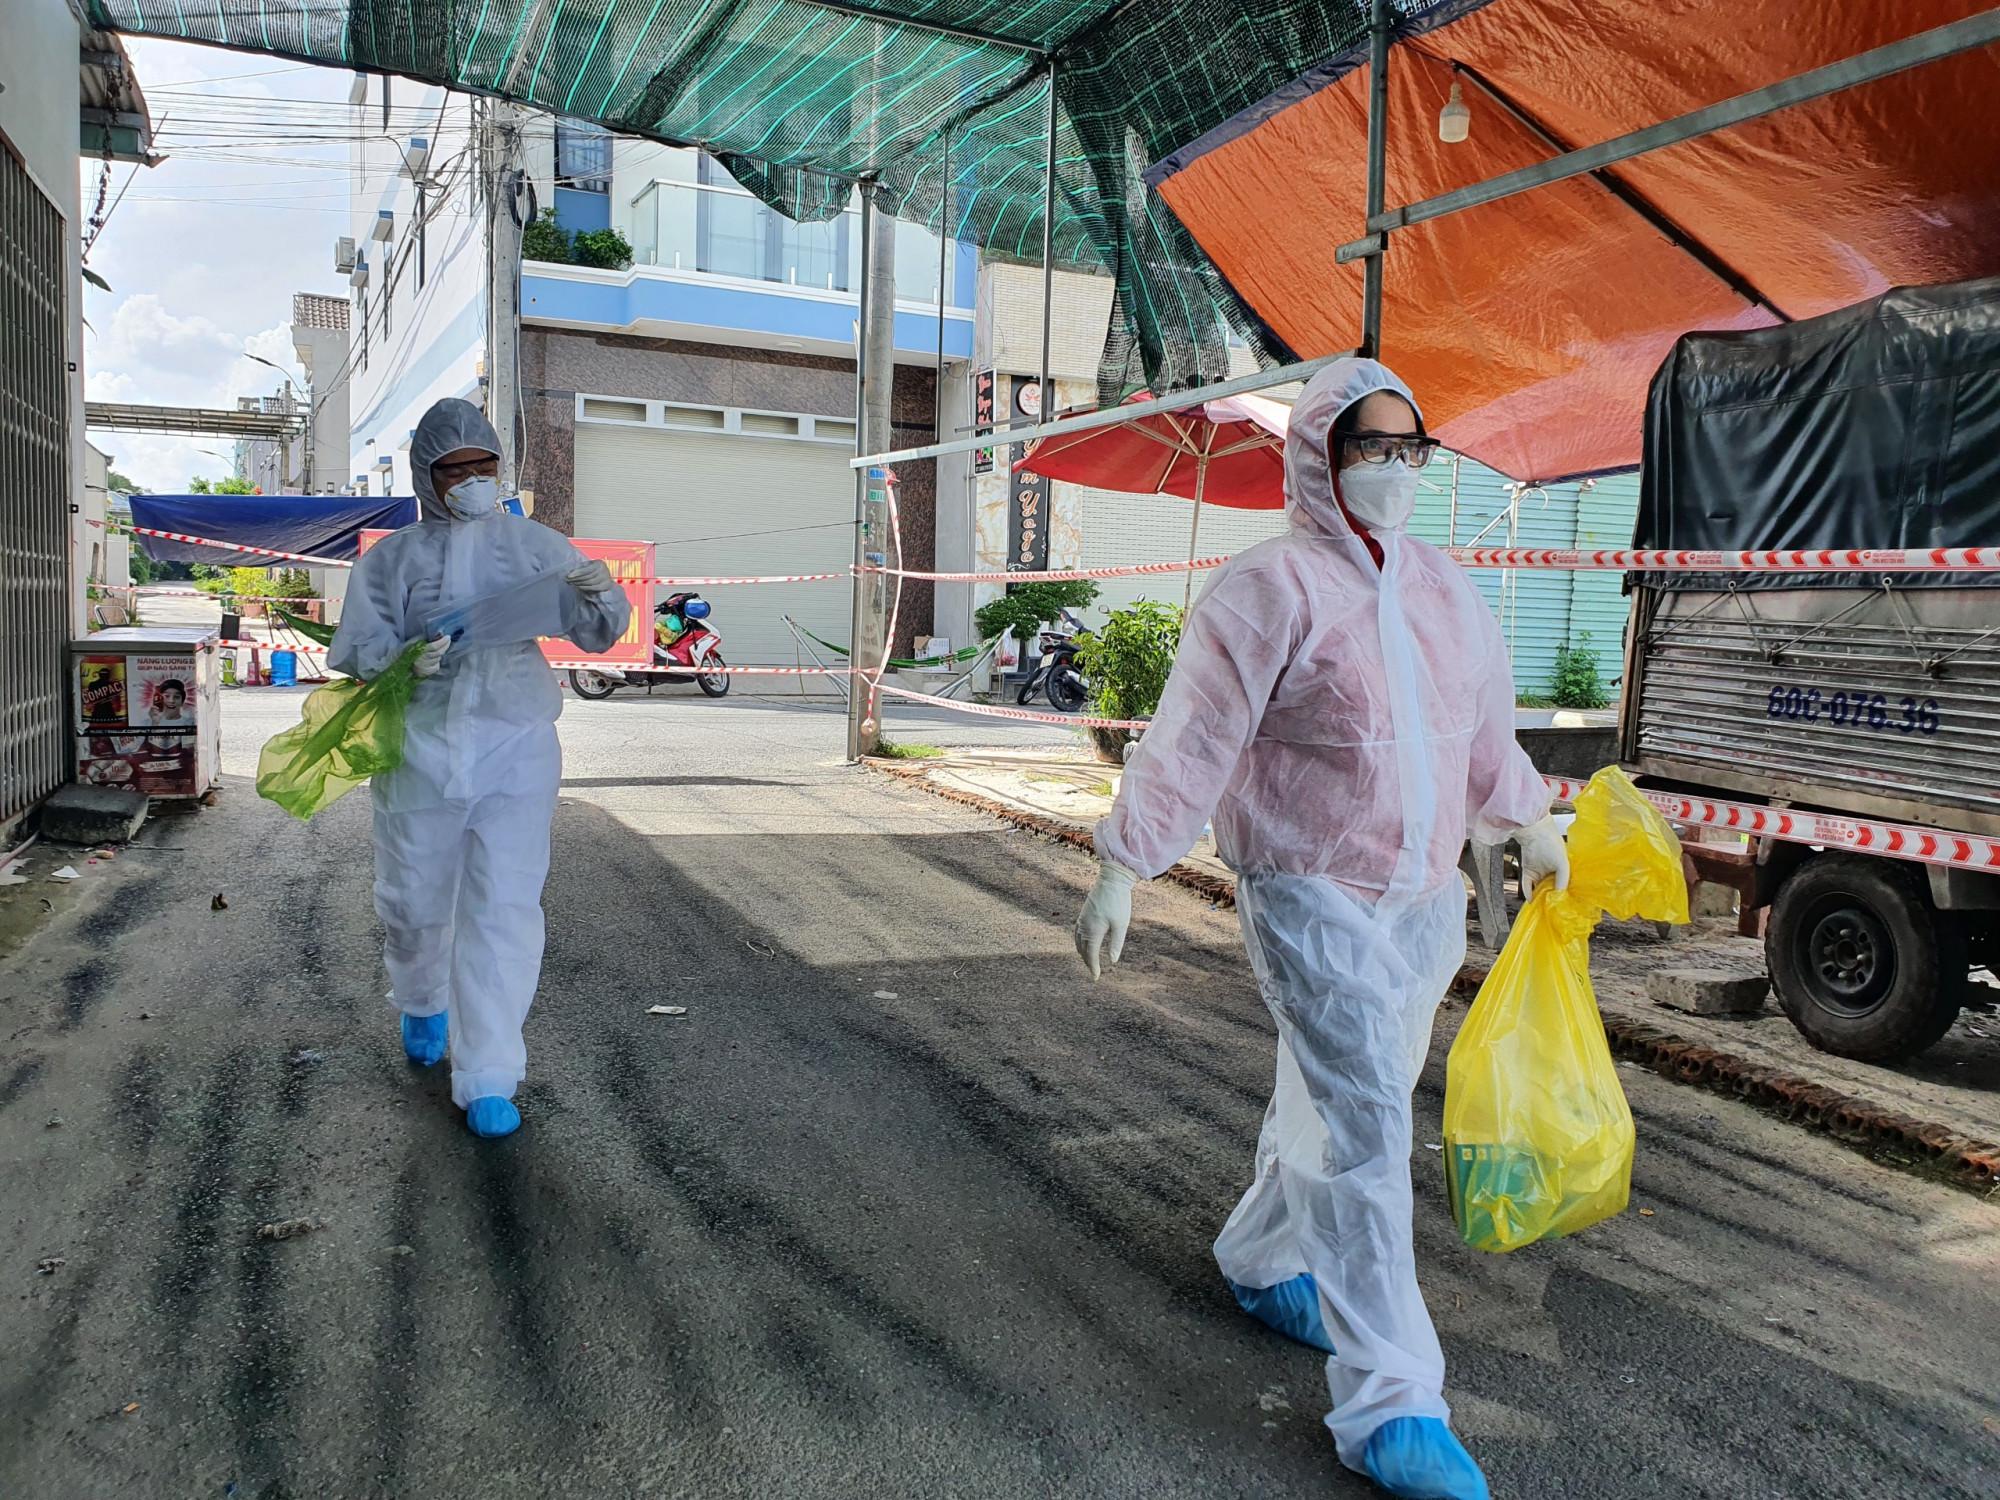 Nhân viên y tế trên đường đi lấy mẫu xét nghiệm cho công nhân ở trọ tại xã Thạnh Phú, huyện Vĩnh Cửu - Ảnh: HL